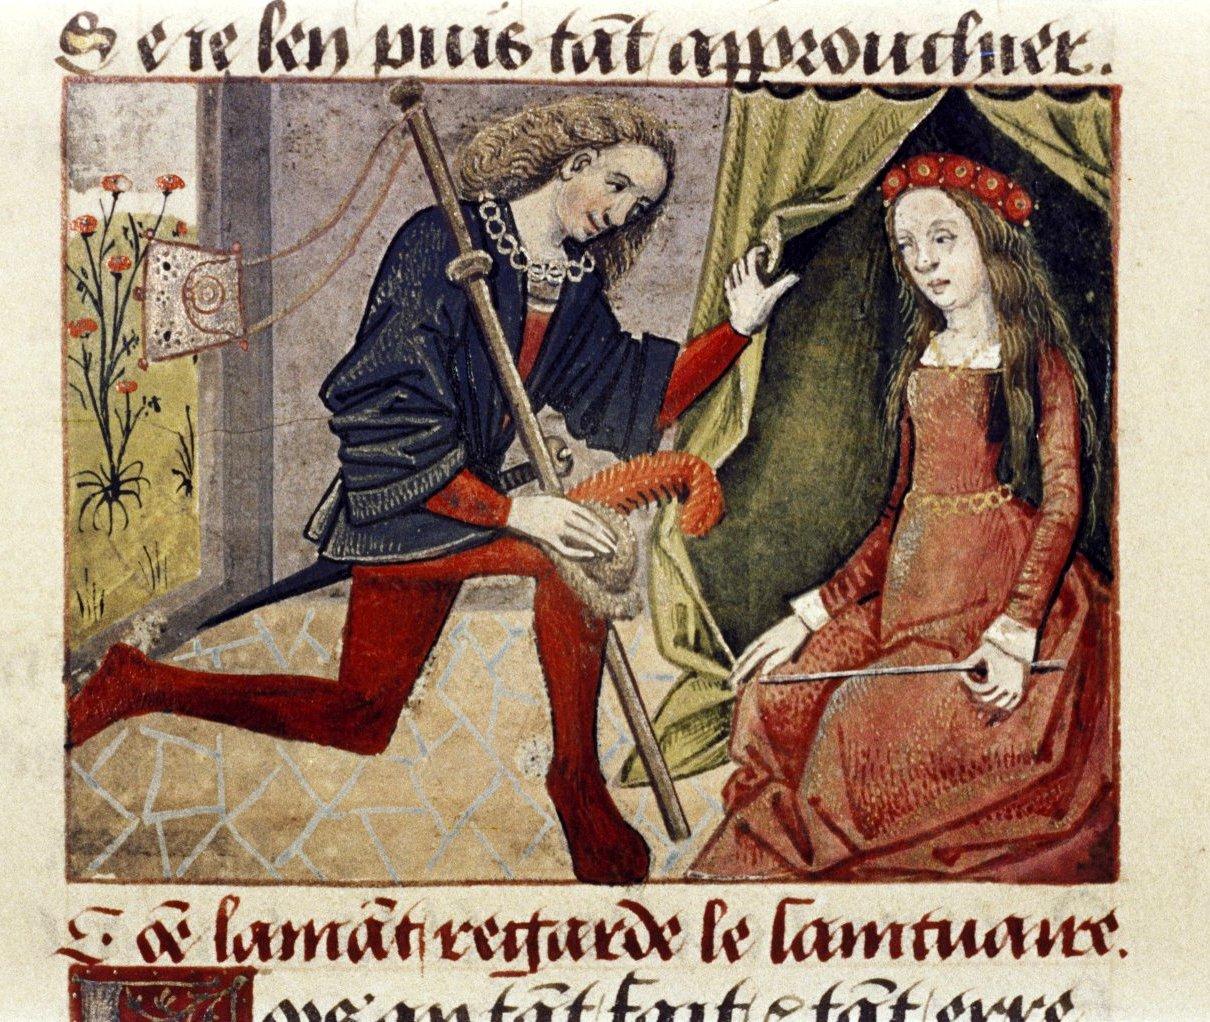 Stava a guardare il capello, l\u0027uomo del Medioevo segno di potere e  autorità, ma anche ricettacolo del maligno quando acconciato con vanità.